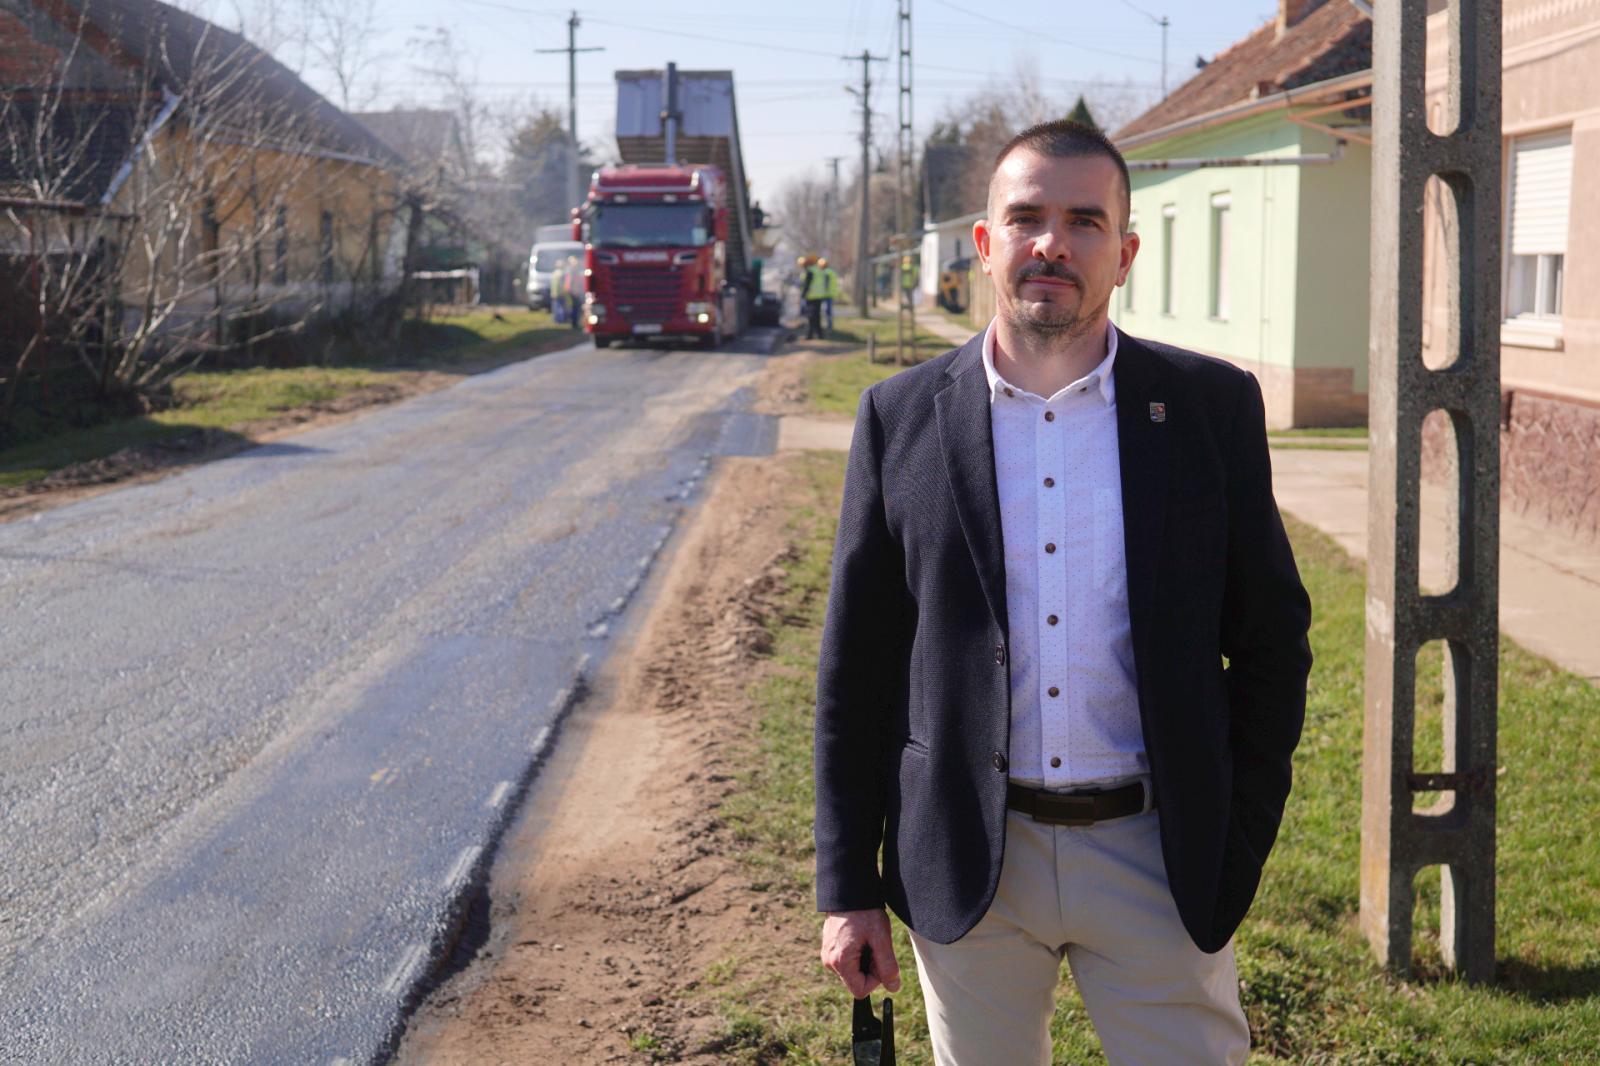 Ribárszki Péter, Kondoros polgármestere, háttérben az útépítés. Fotó: behir.hu/Vári Bianka